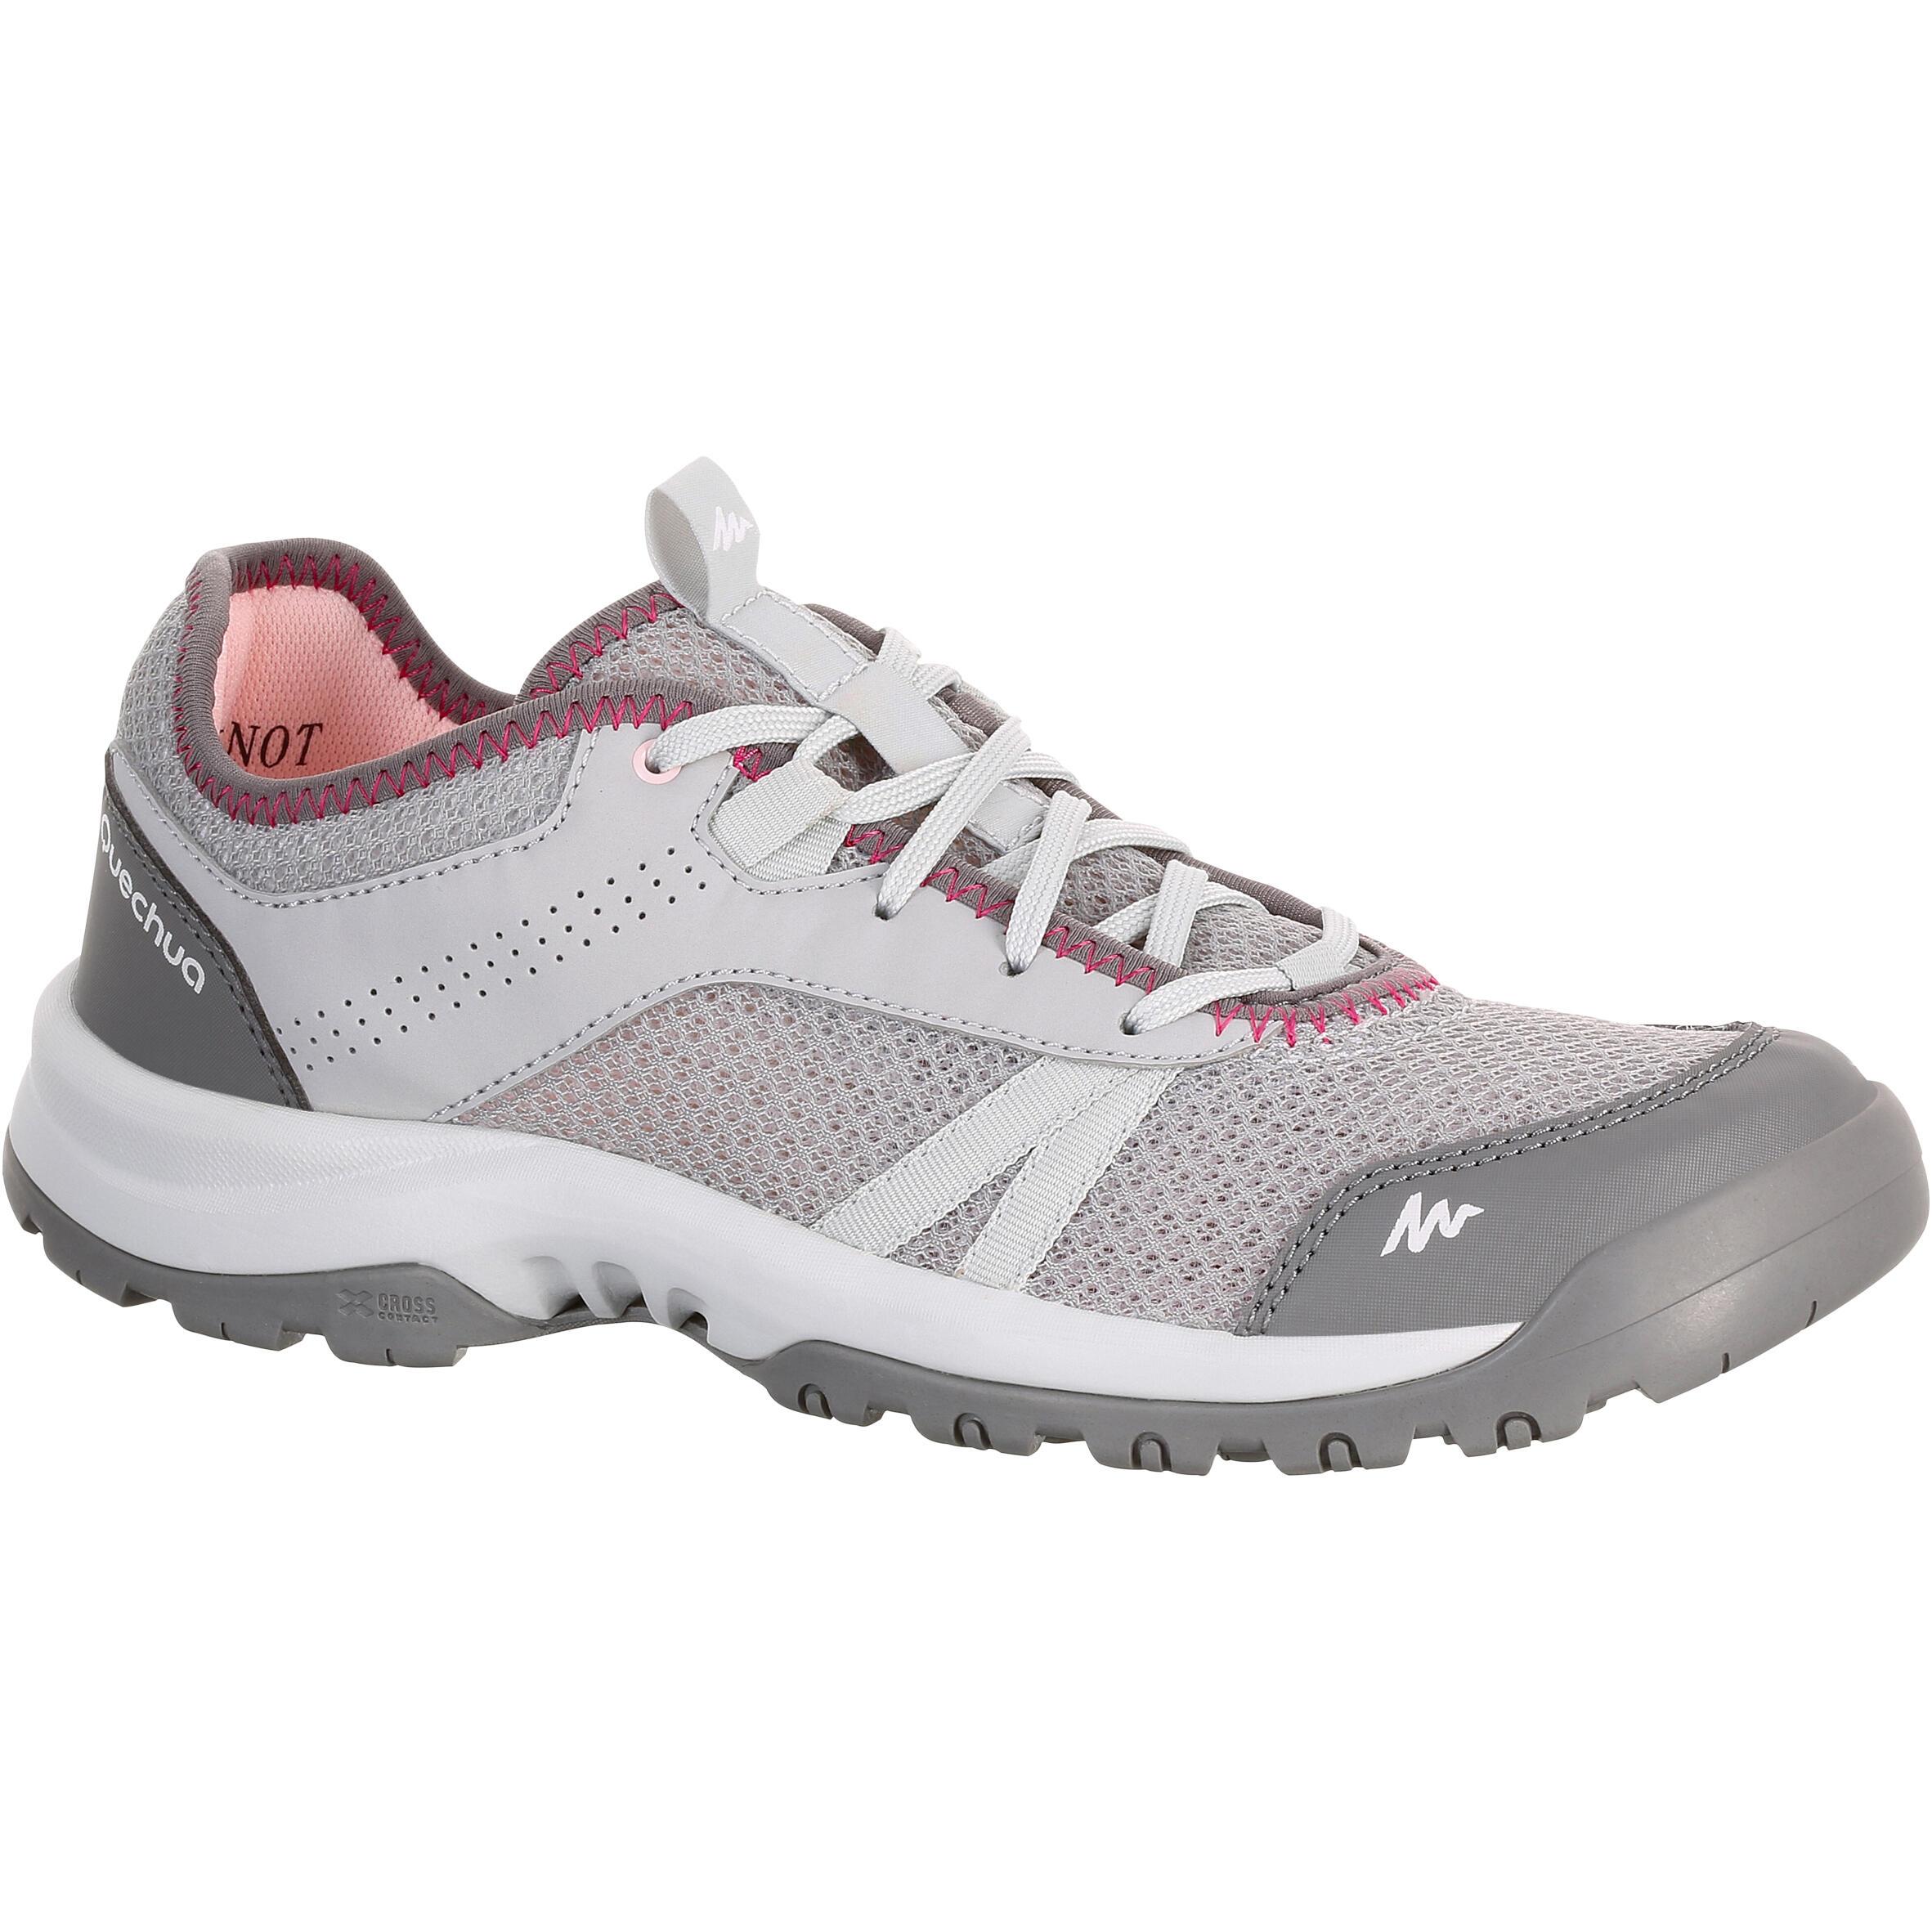 Women's Hiking Shoes NH100 Fresh - Grey Pink